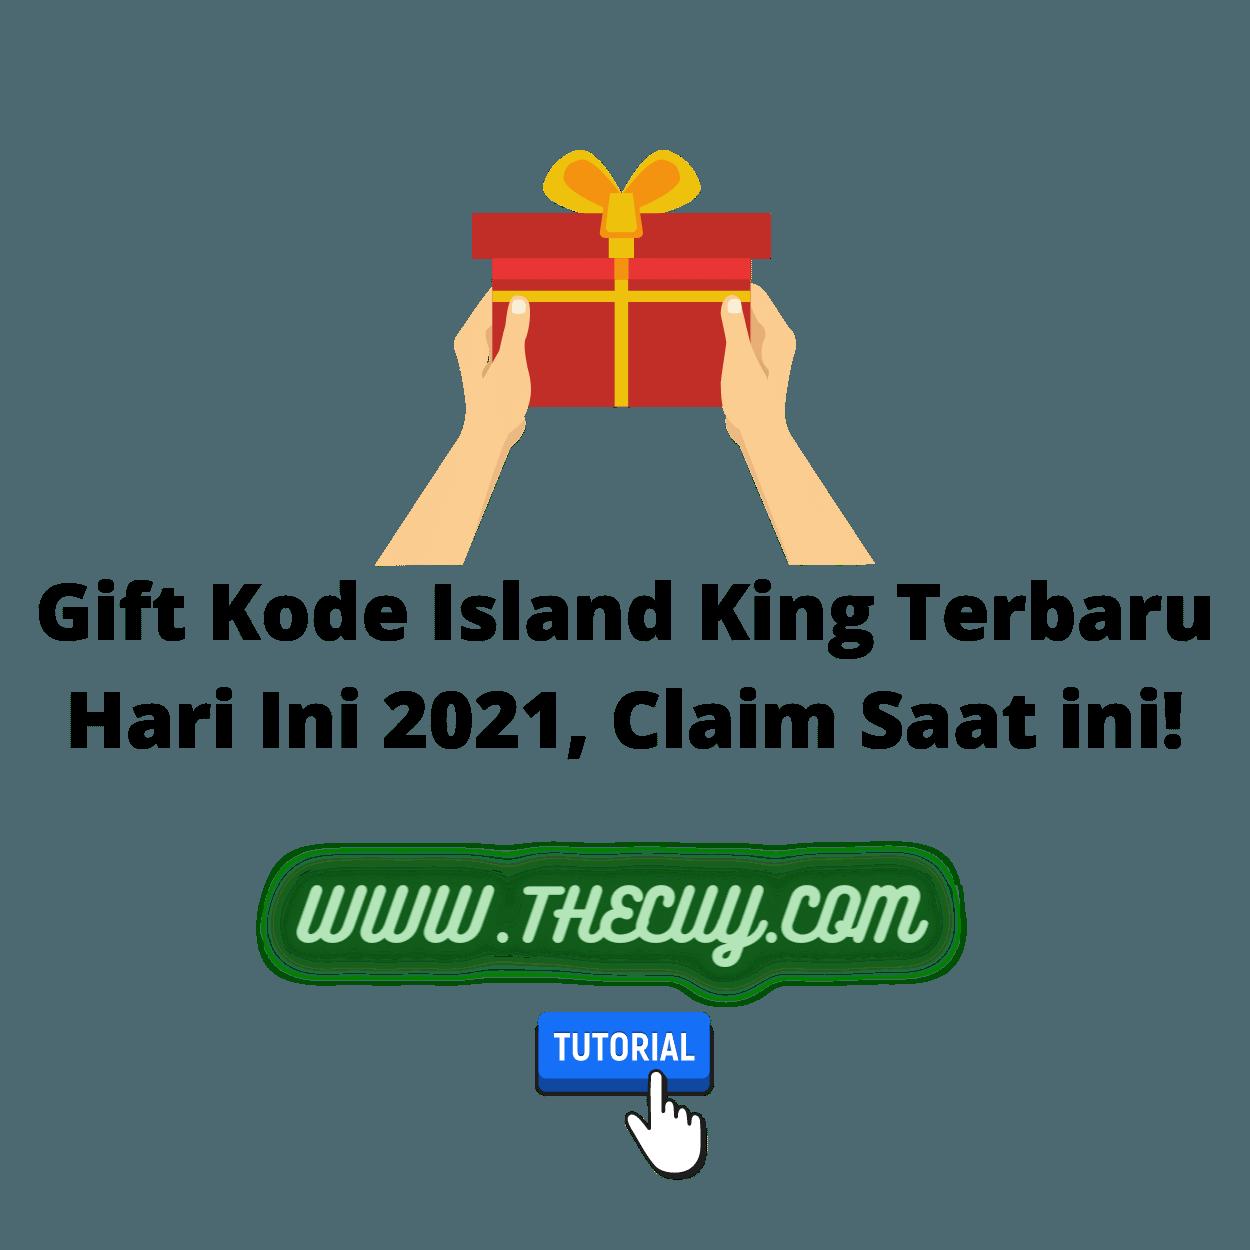 Gift Kode Island King Terbaru Hari Ini 2021, Claim Saat ini!